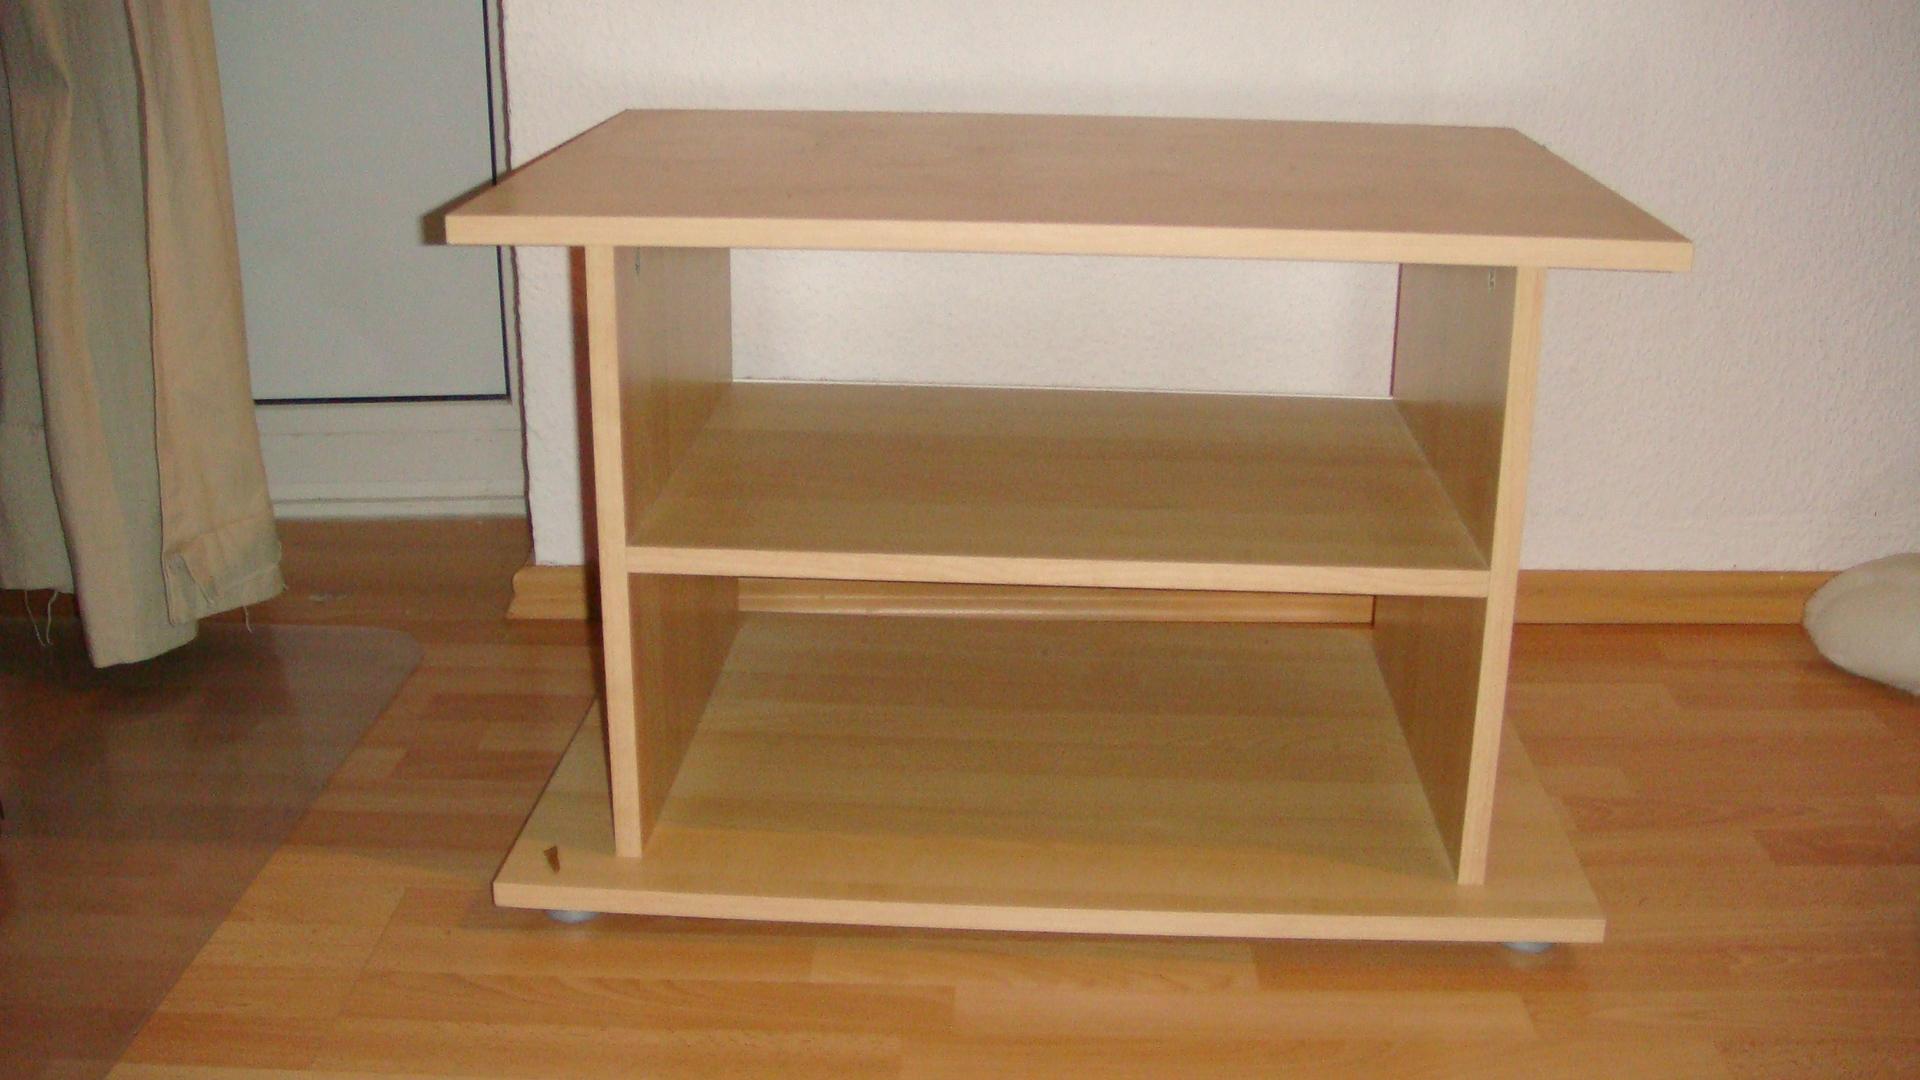 m bel und haushalt kleinanzeigen in waltersdorf seite 8. Black Bedroom Furniture Sets. Home Design Ideas